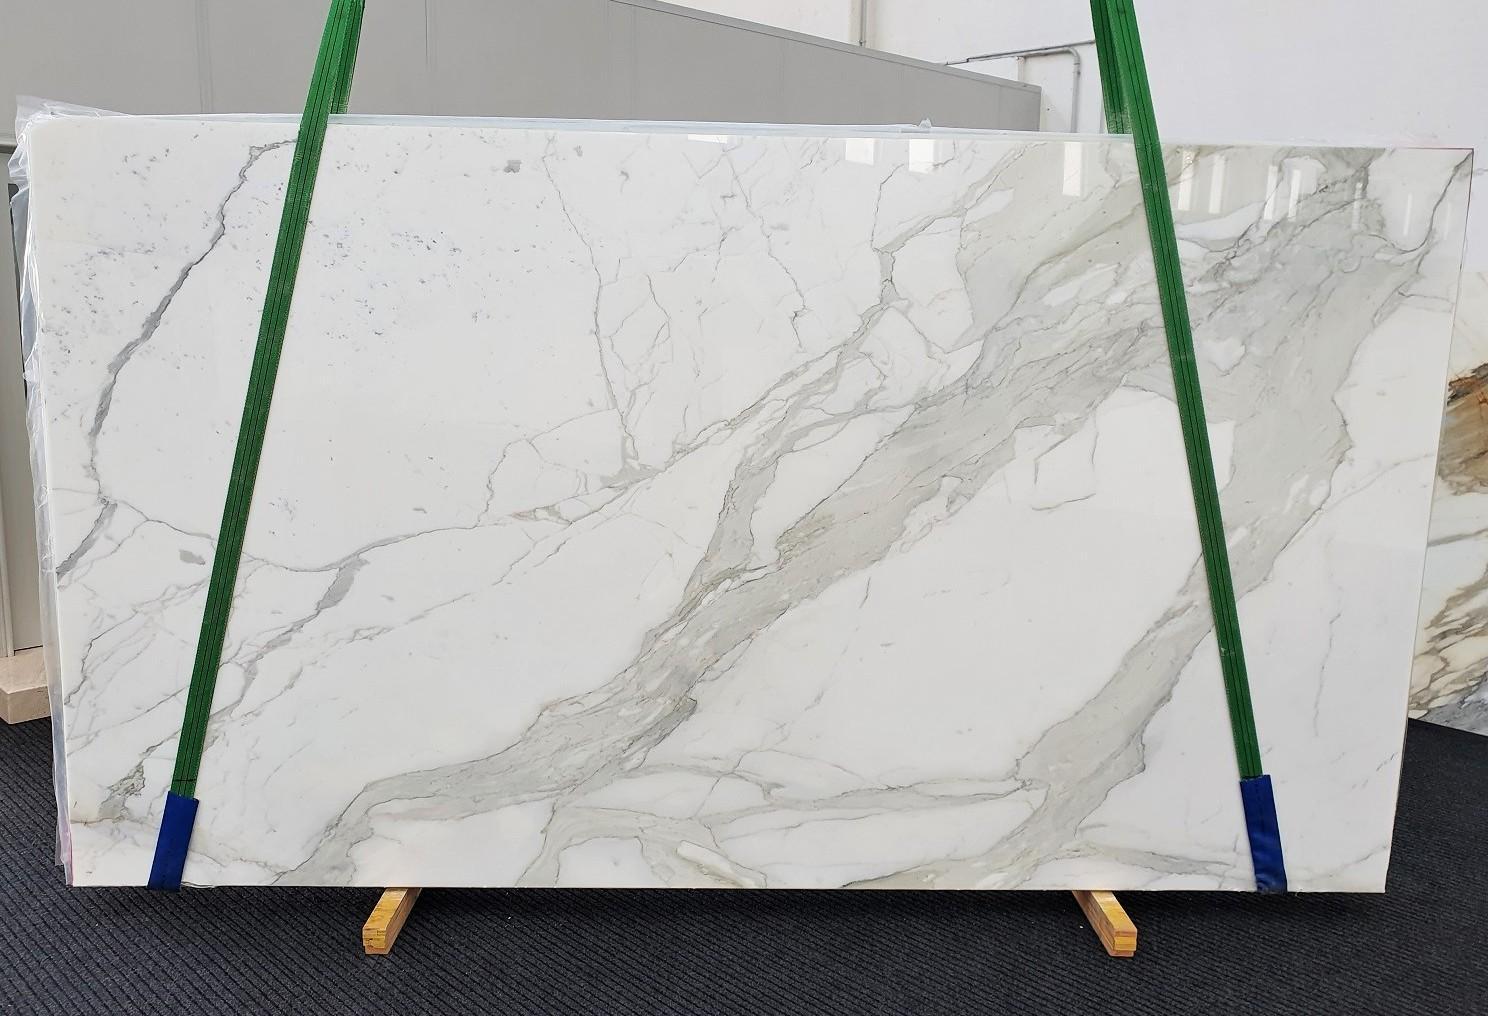 CALACATTA ORO EXTRA Fourniture Veneto (Italie) d' dalles brillantes en marbre naturel 1366 , Slab #45